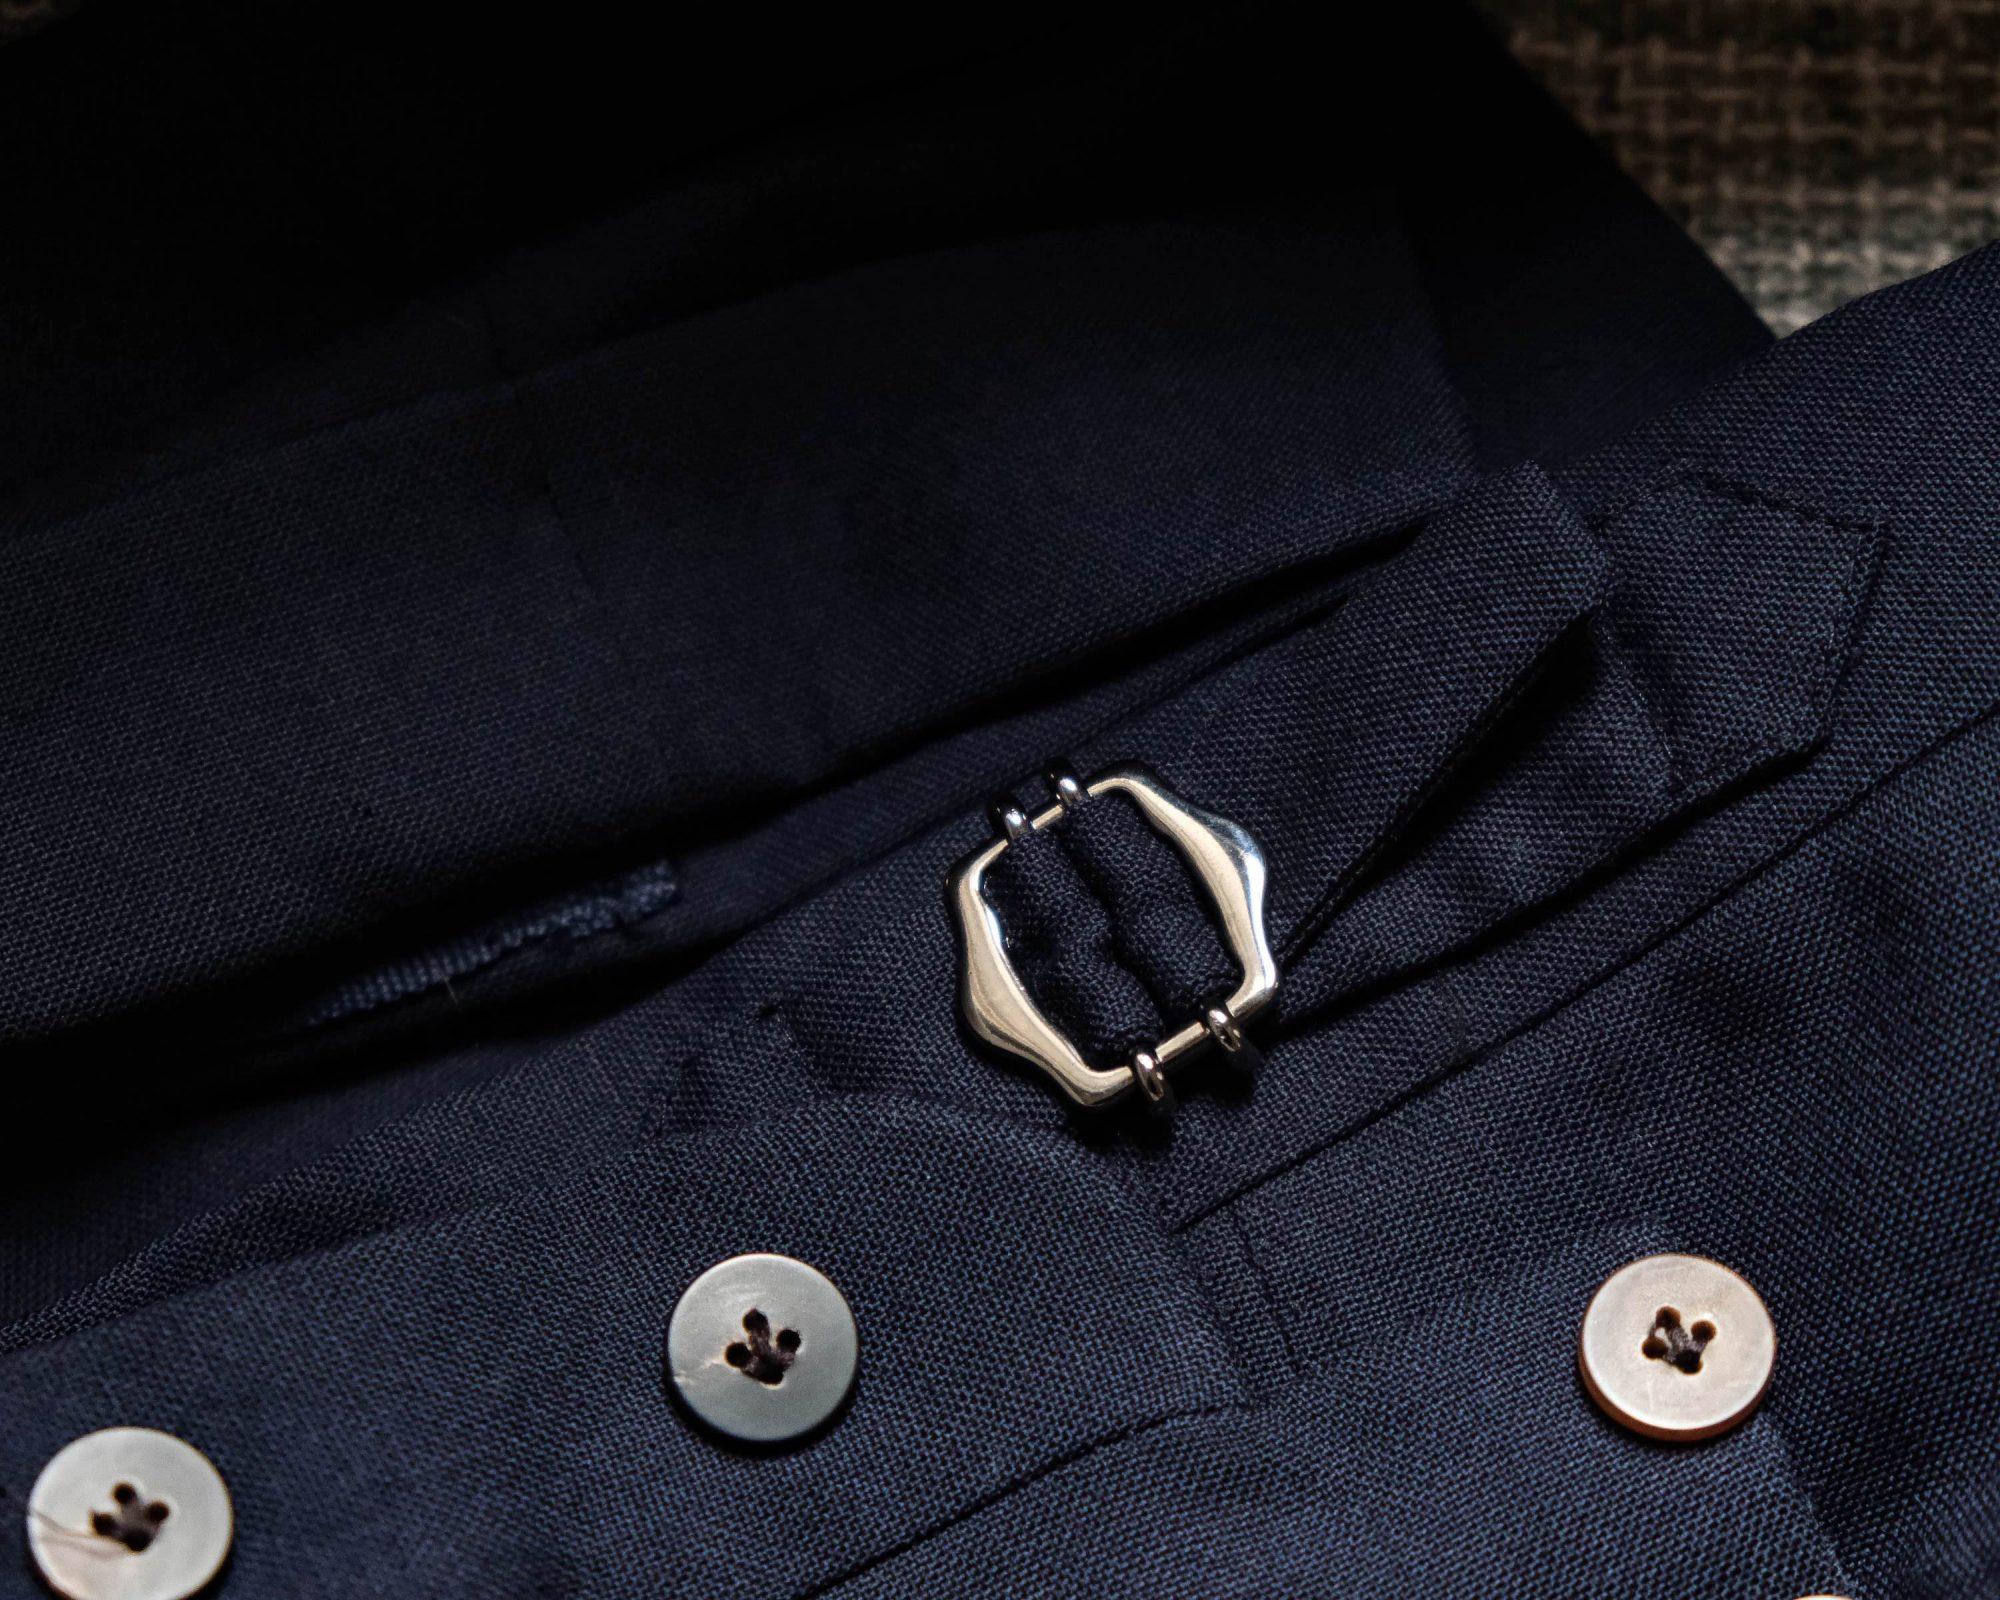 Patte de serrage côté du pantalon de costume.